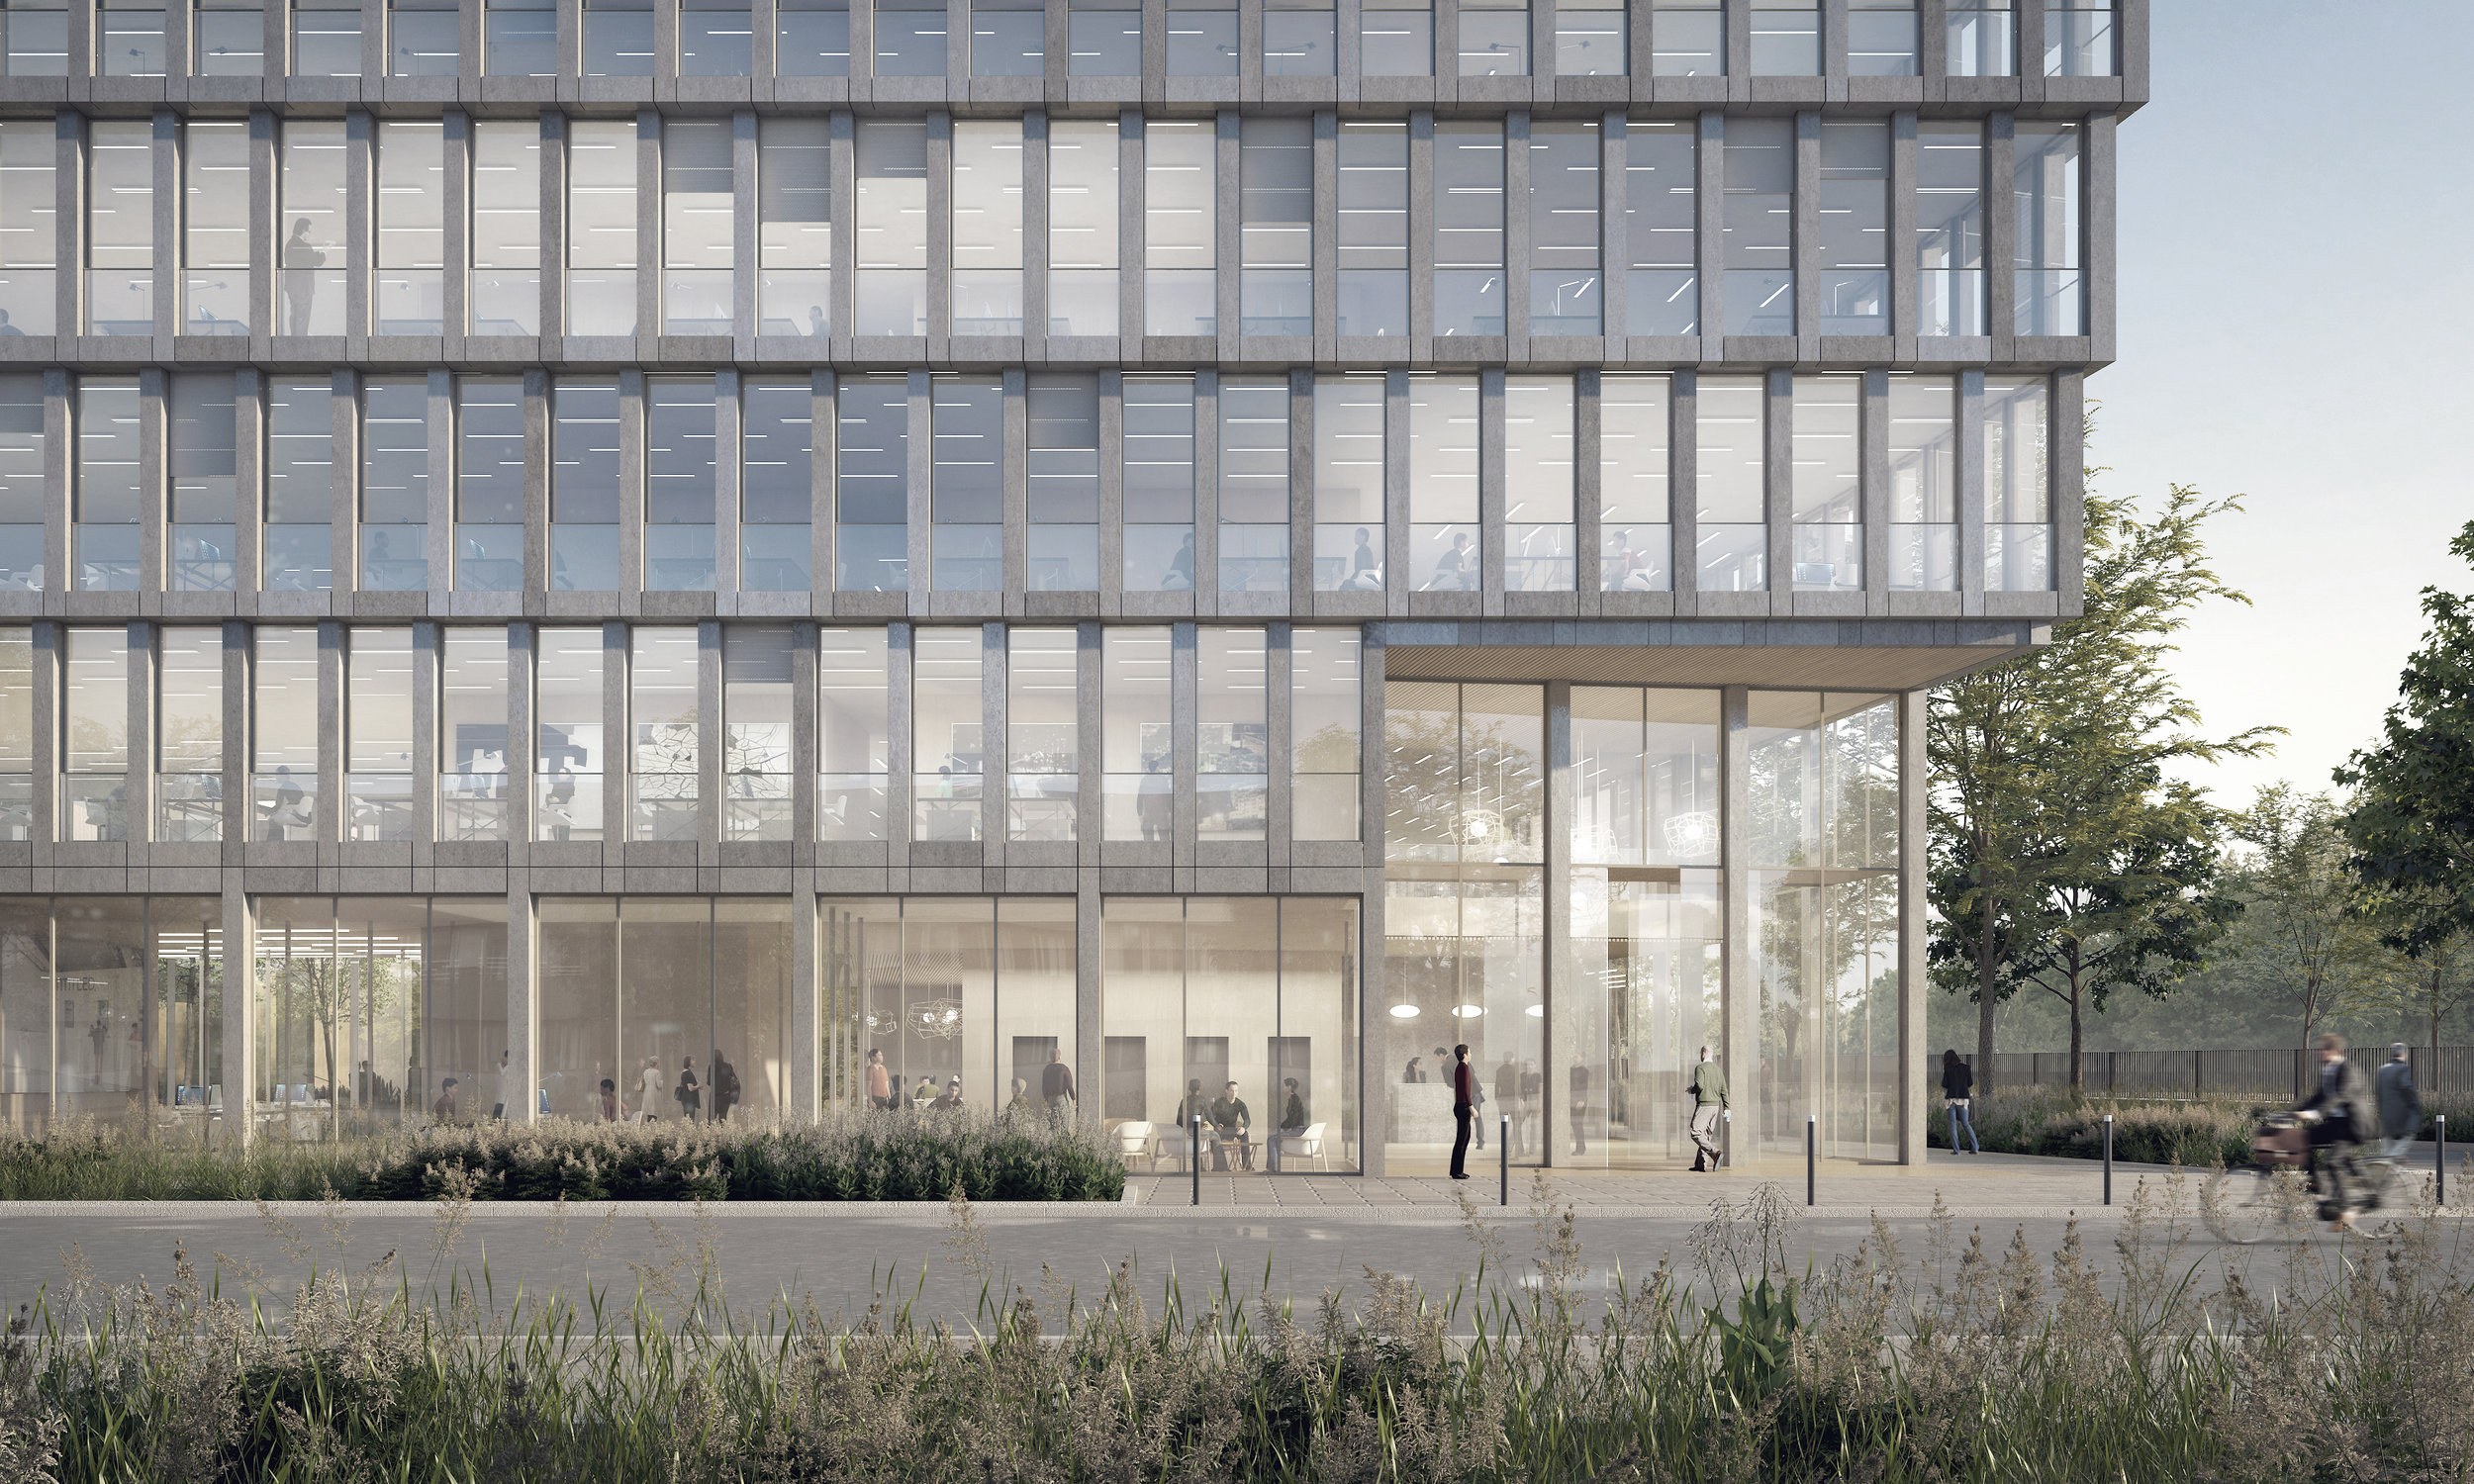 Bureaux lot D4A1Zac des Docks  Saint-Ouen - programme: construction d'un immeuble de bureaux (7360m² SDP)maîtrise d'ouvrage: QNB capital, AMO CBREmaîtrise d'oeuvre: Hardel & LeBihan (mandataire), palast (architecte cotraitant)mission : mission de basebudget : 12 millions d'euroslieu : LOT D4A1 _ ZAC DES DOCKS DE ST OUENdate : concours restreint de maitrise d'oeuvre_ juillet 2017crédit perspectives : La Banq